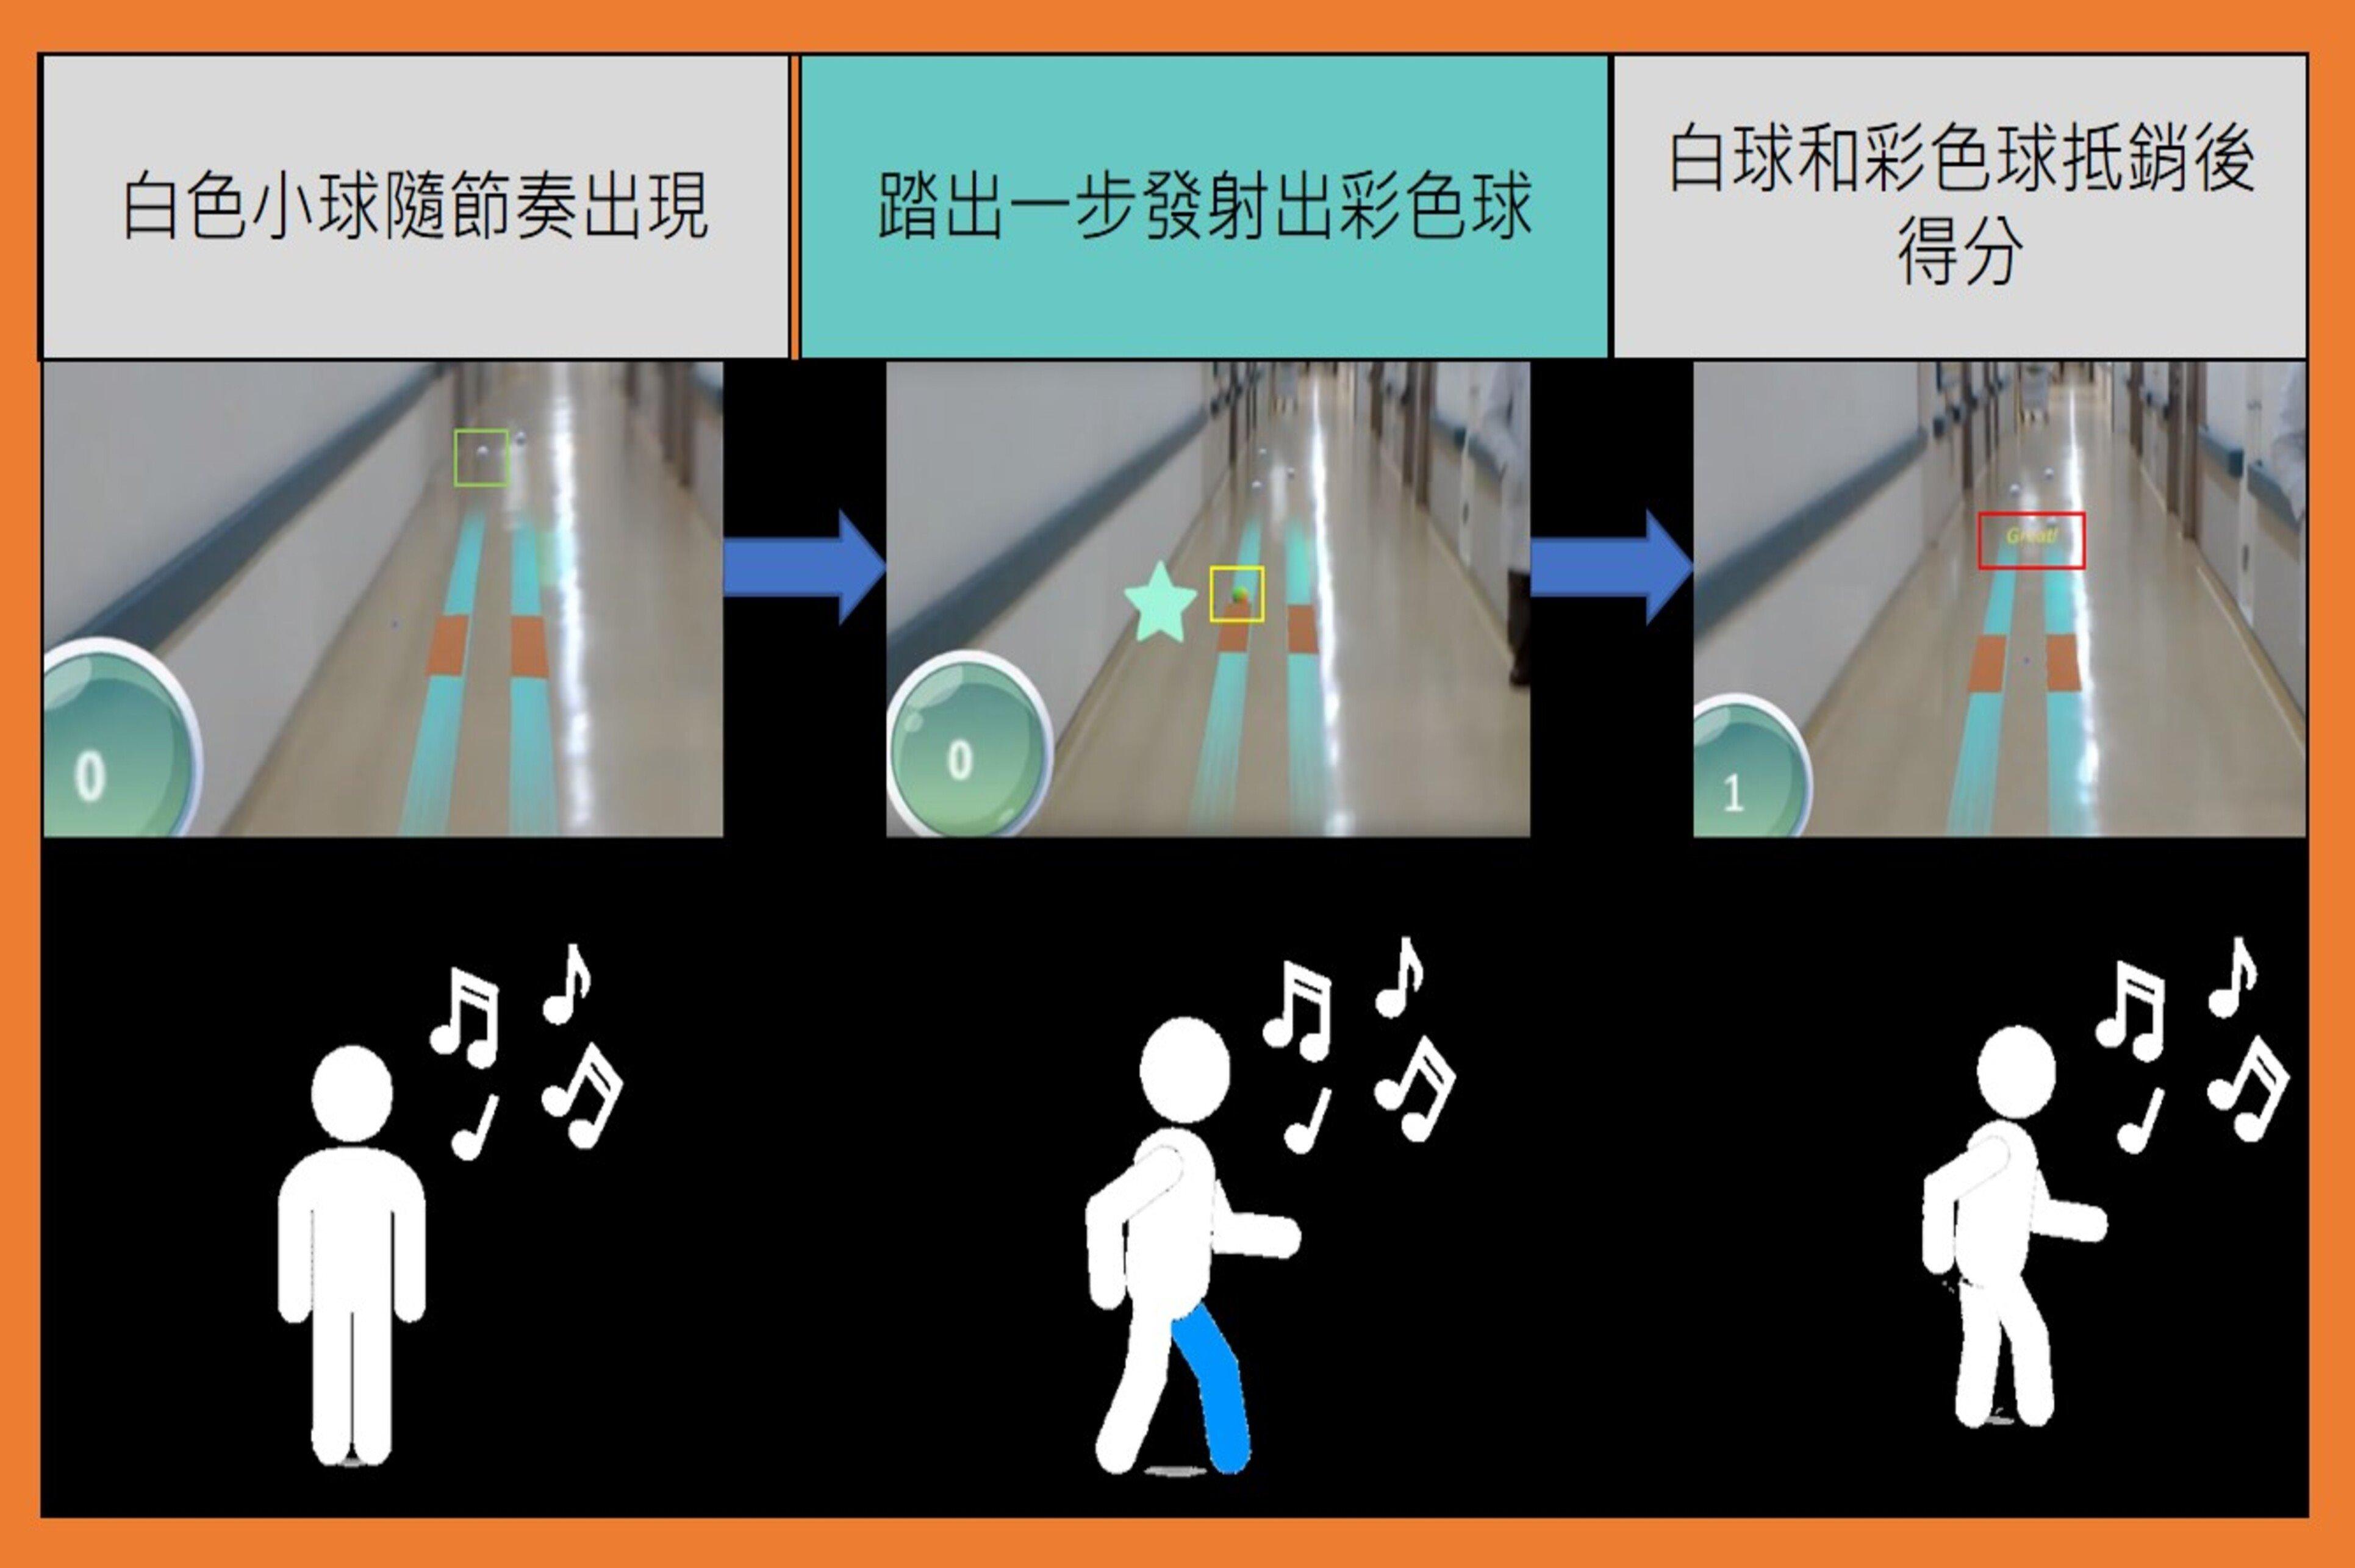 音樂復健遊戲內容,可選擇歌曲、難度